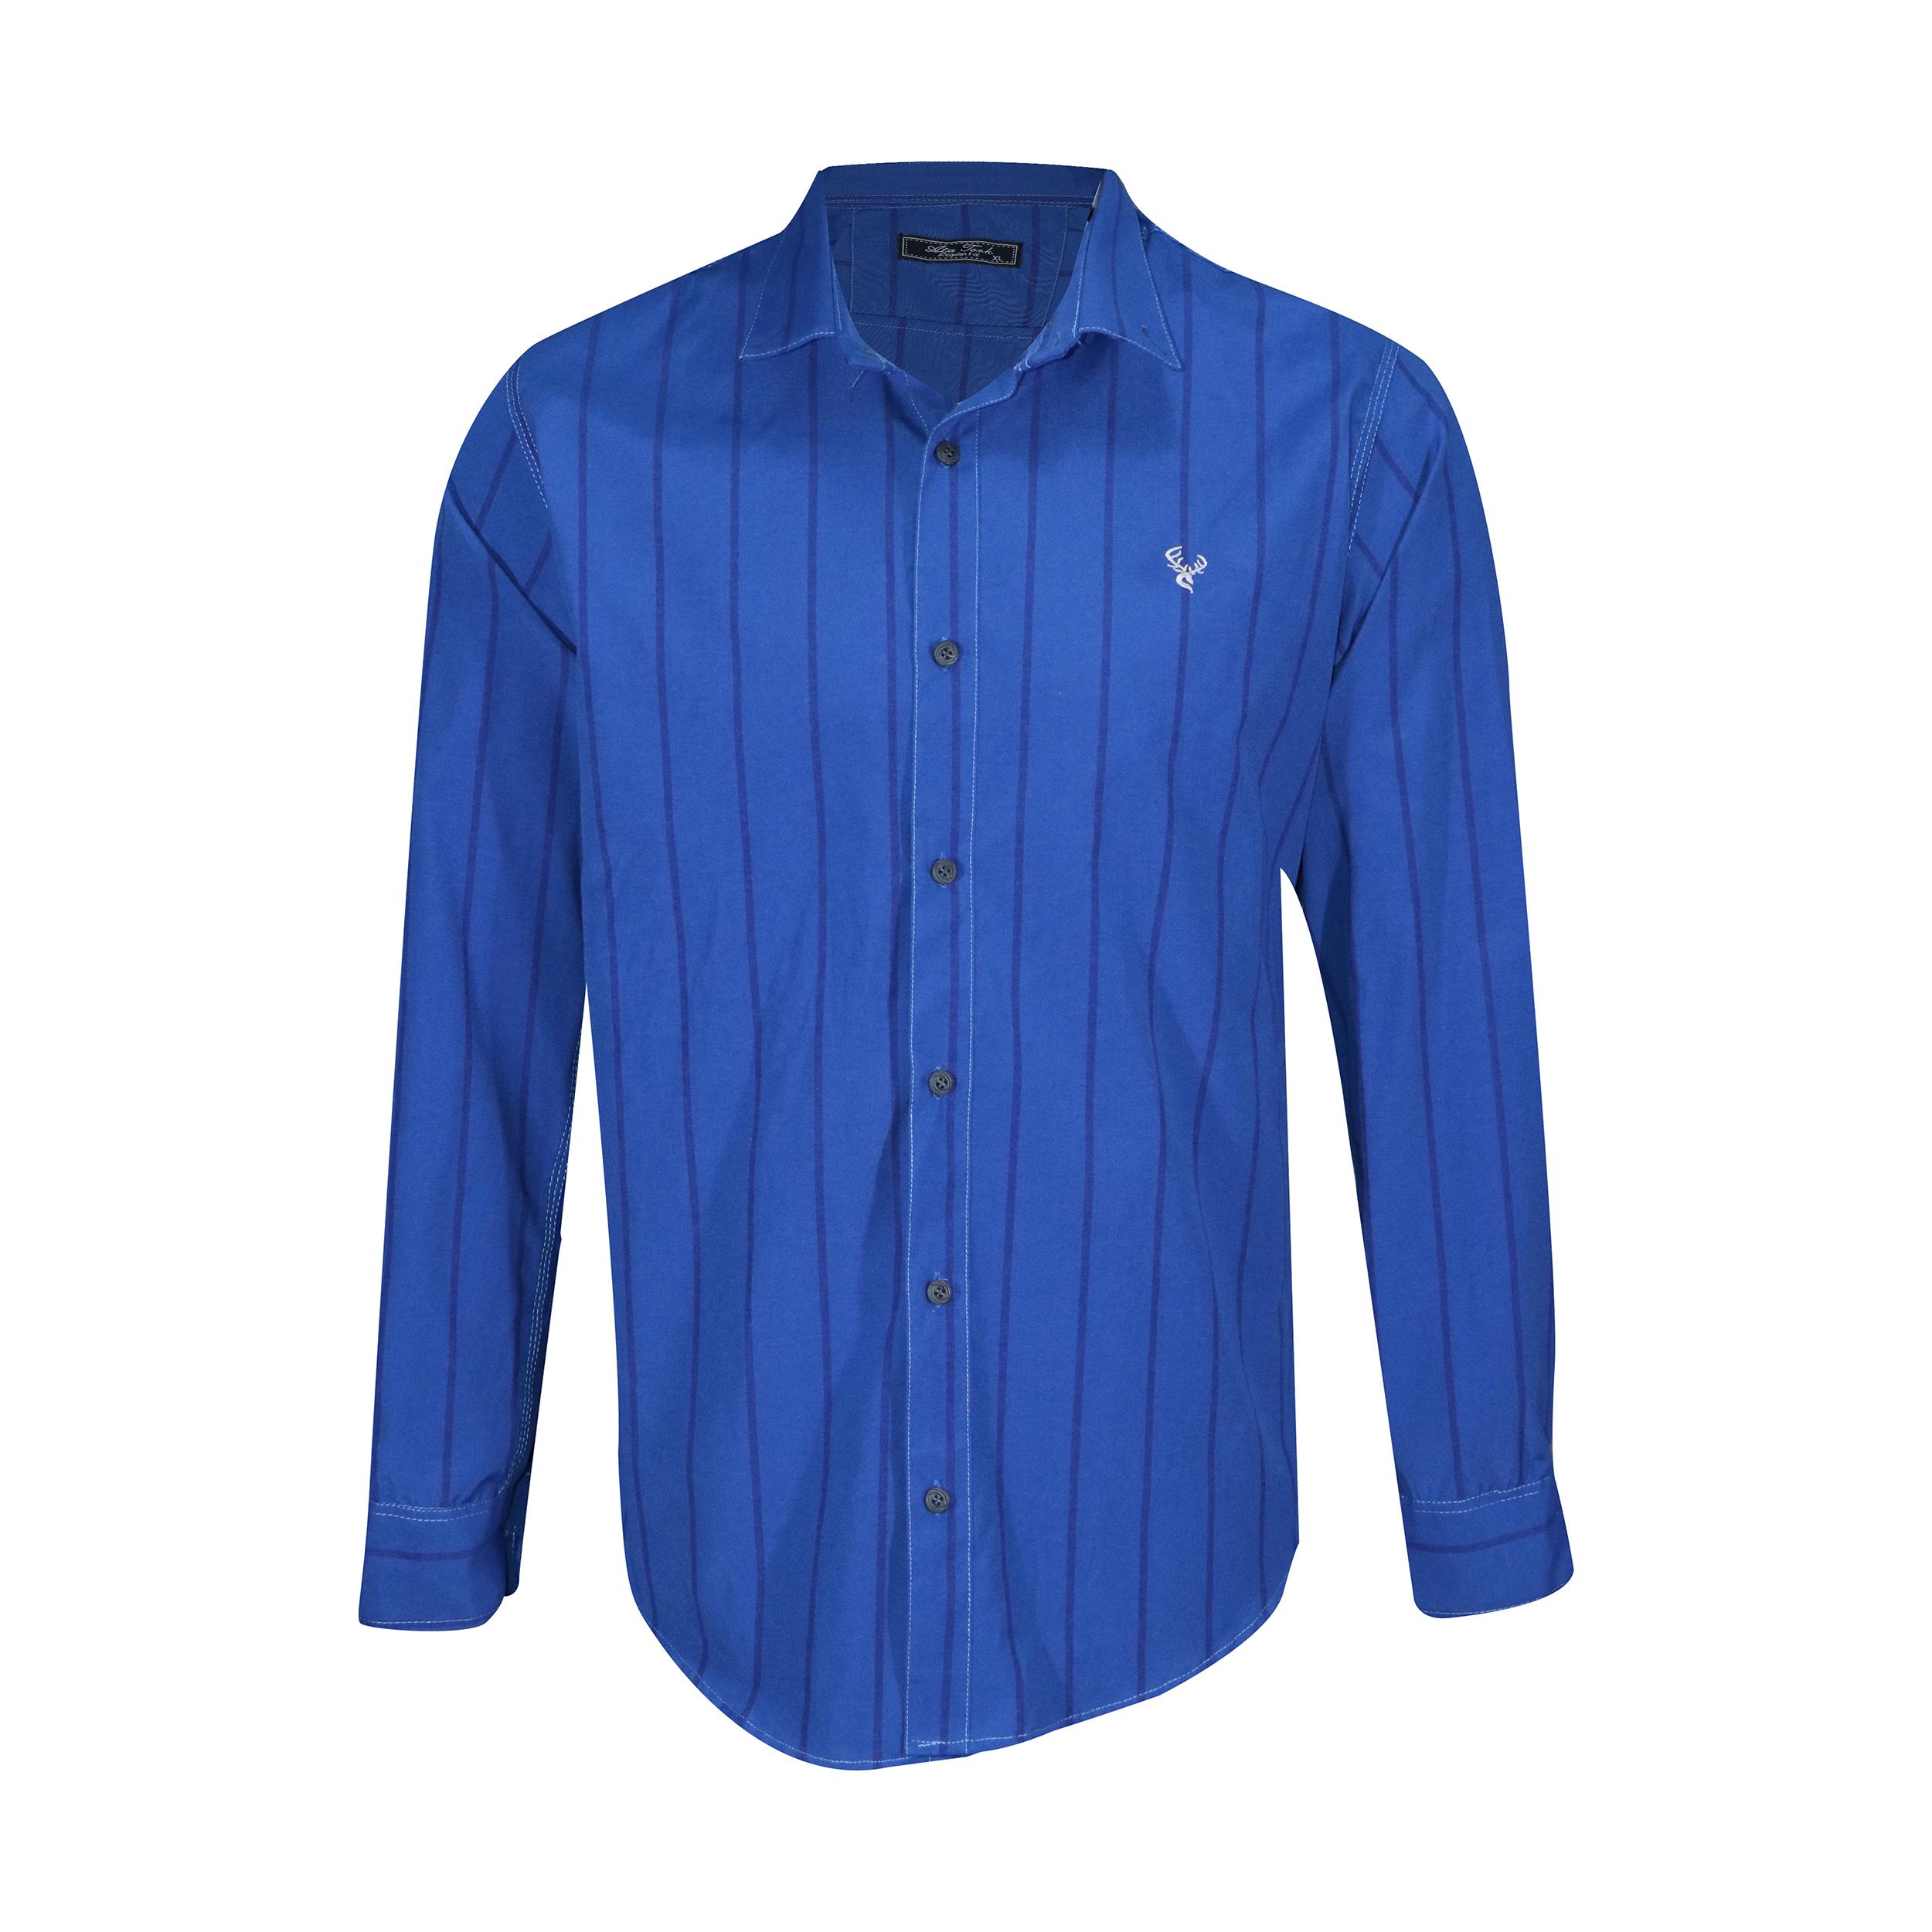 پیراهن آستین بلند مردانه آتا ترک مدل A23